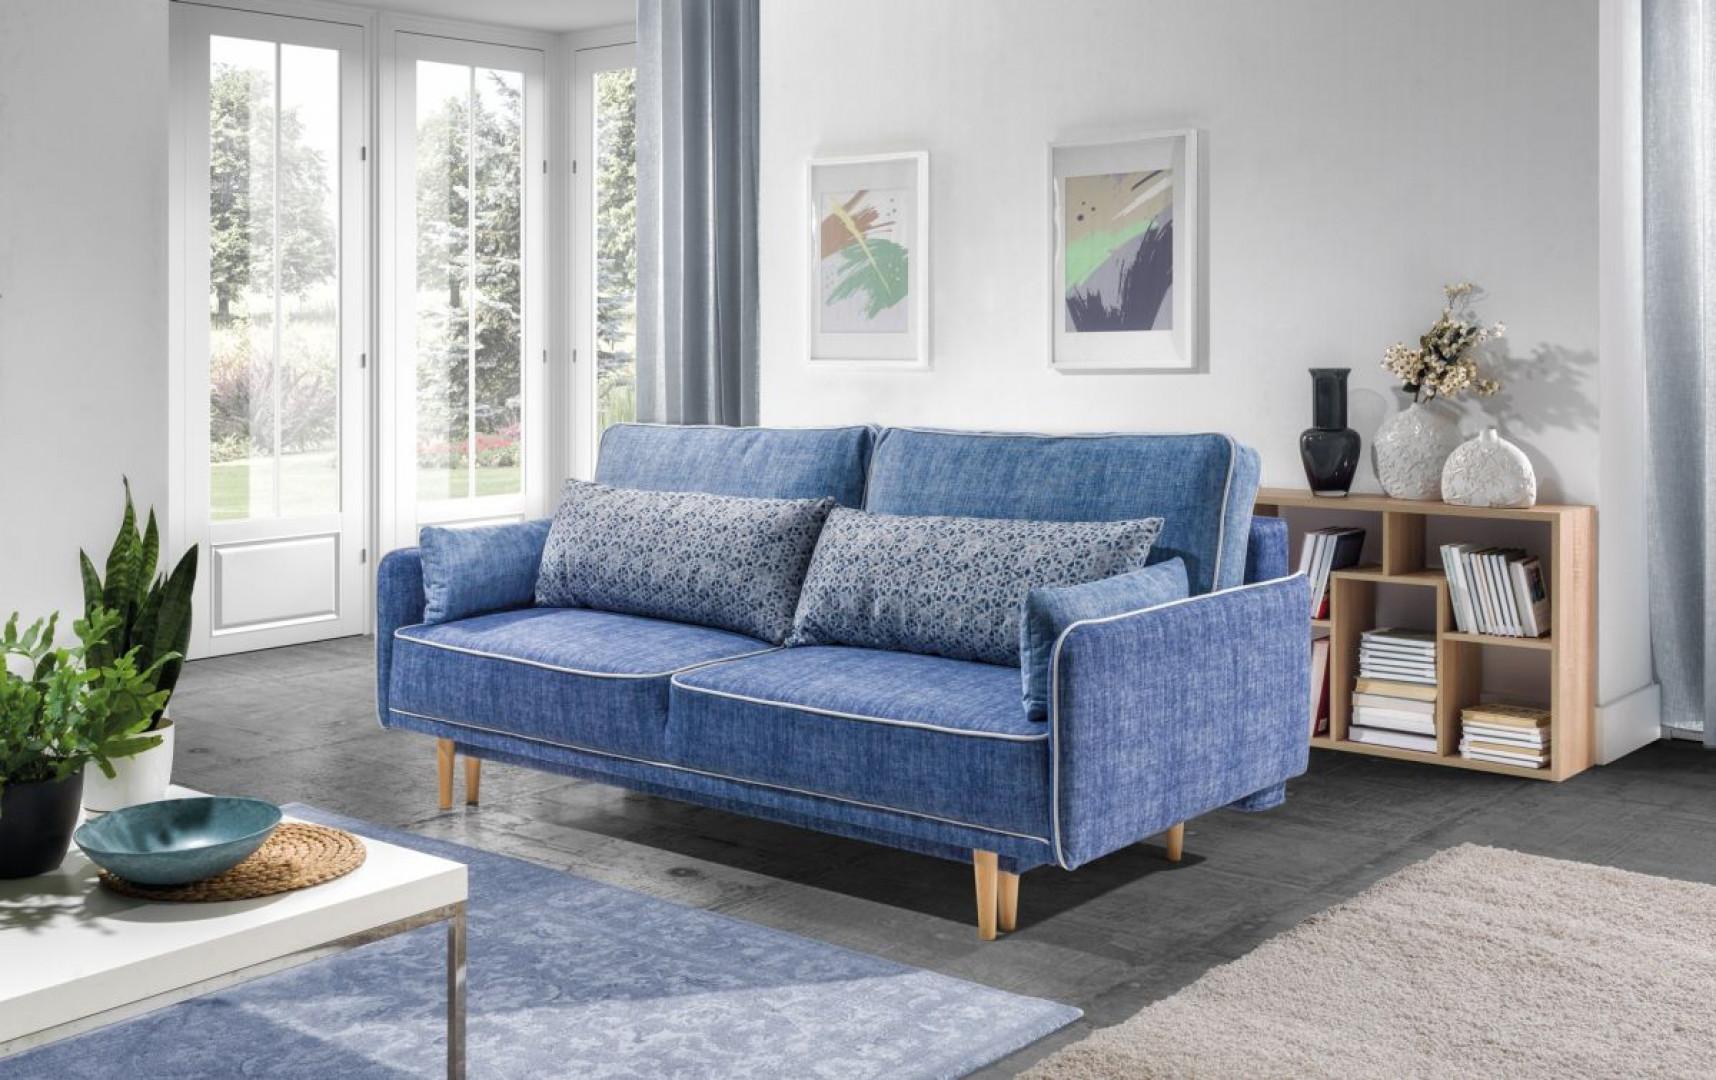 Sofa Sinio firmy Stagra. Fot. Stagra